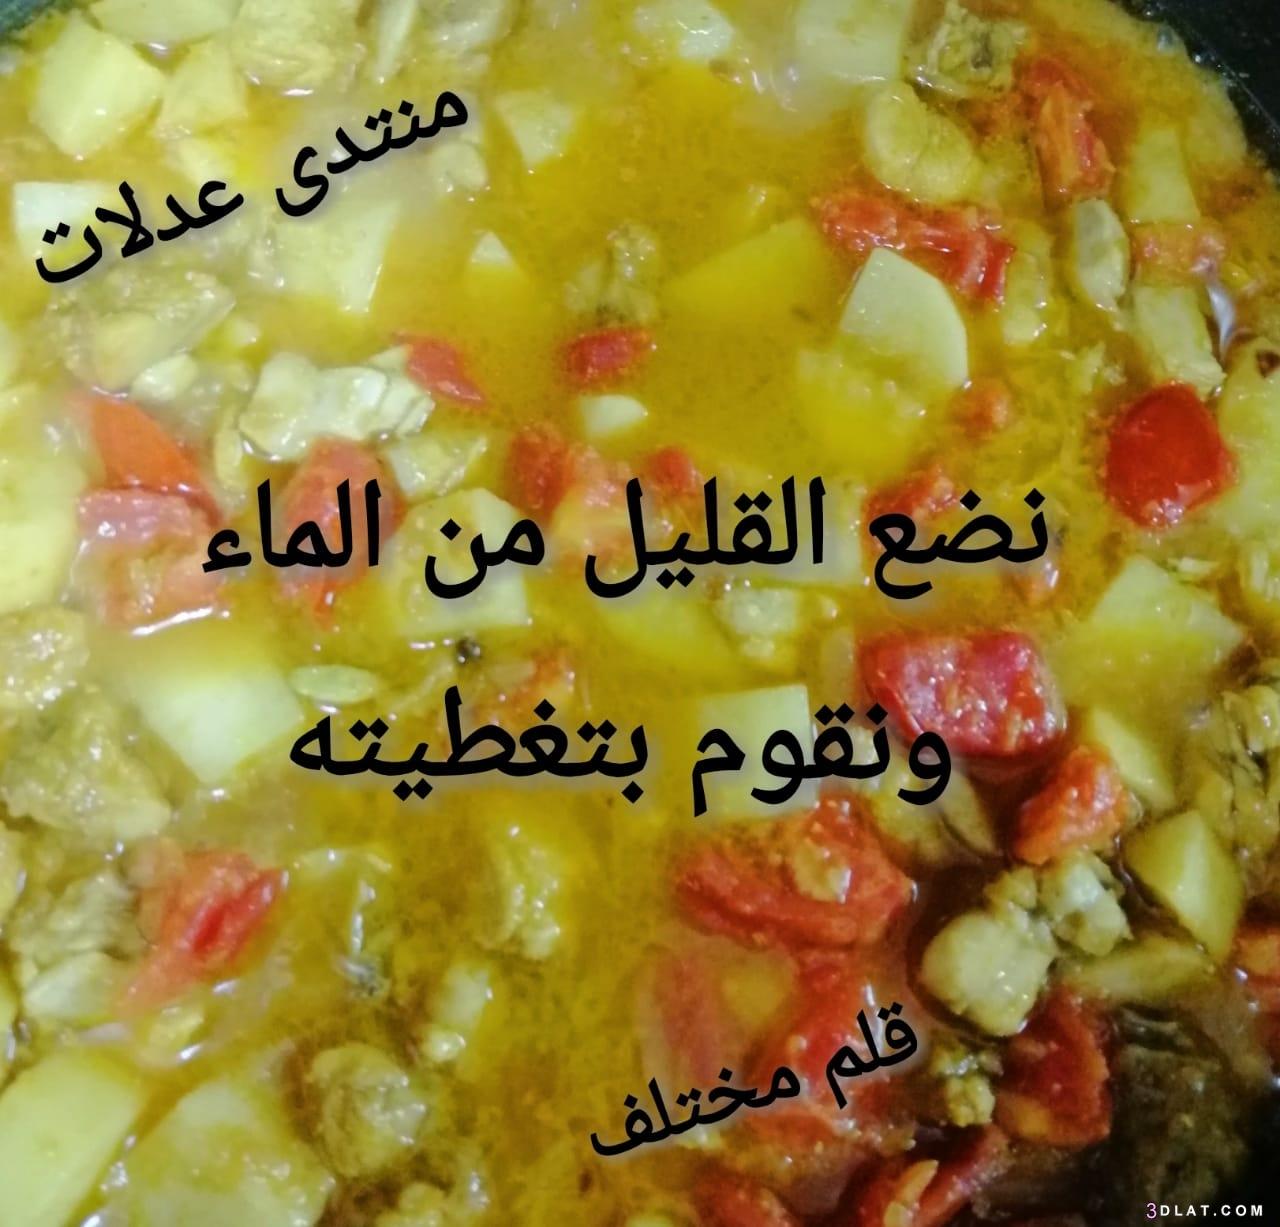 مطبخي ((قطع الدجاج الخضروات)) 3dlat.com_29_18_b1c6